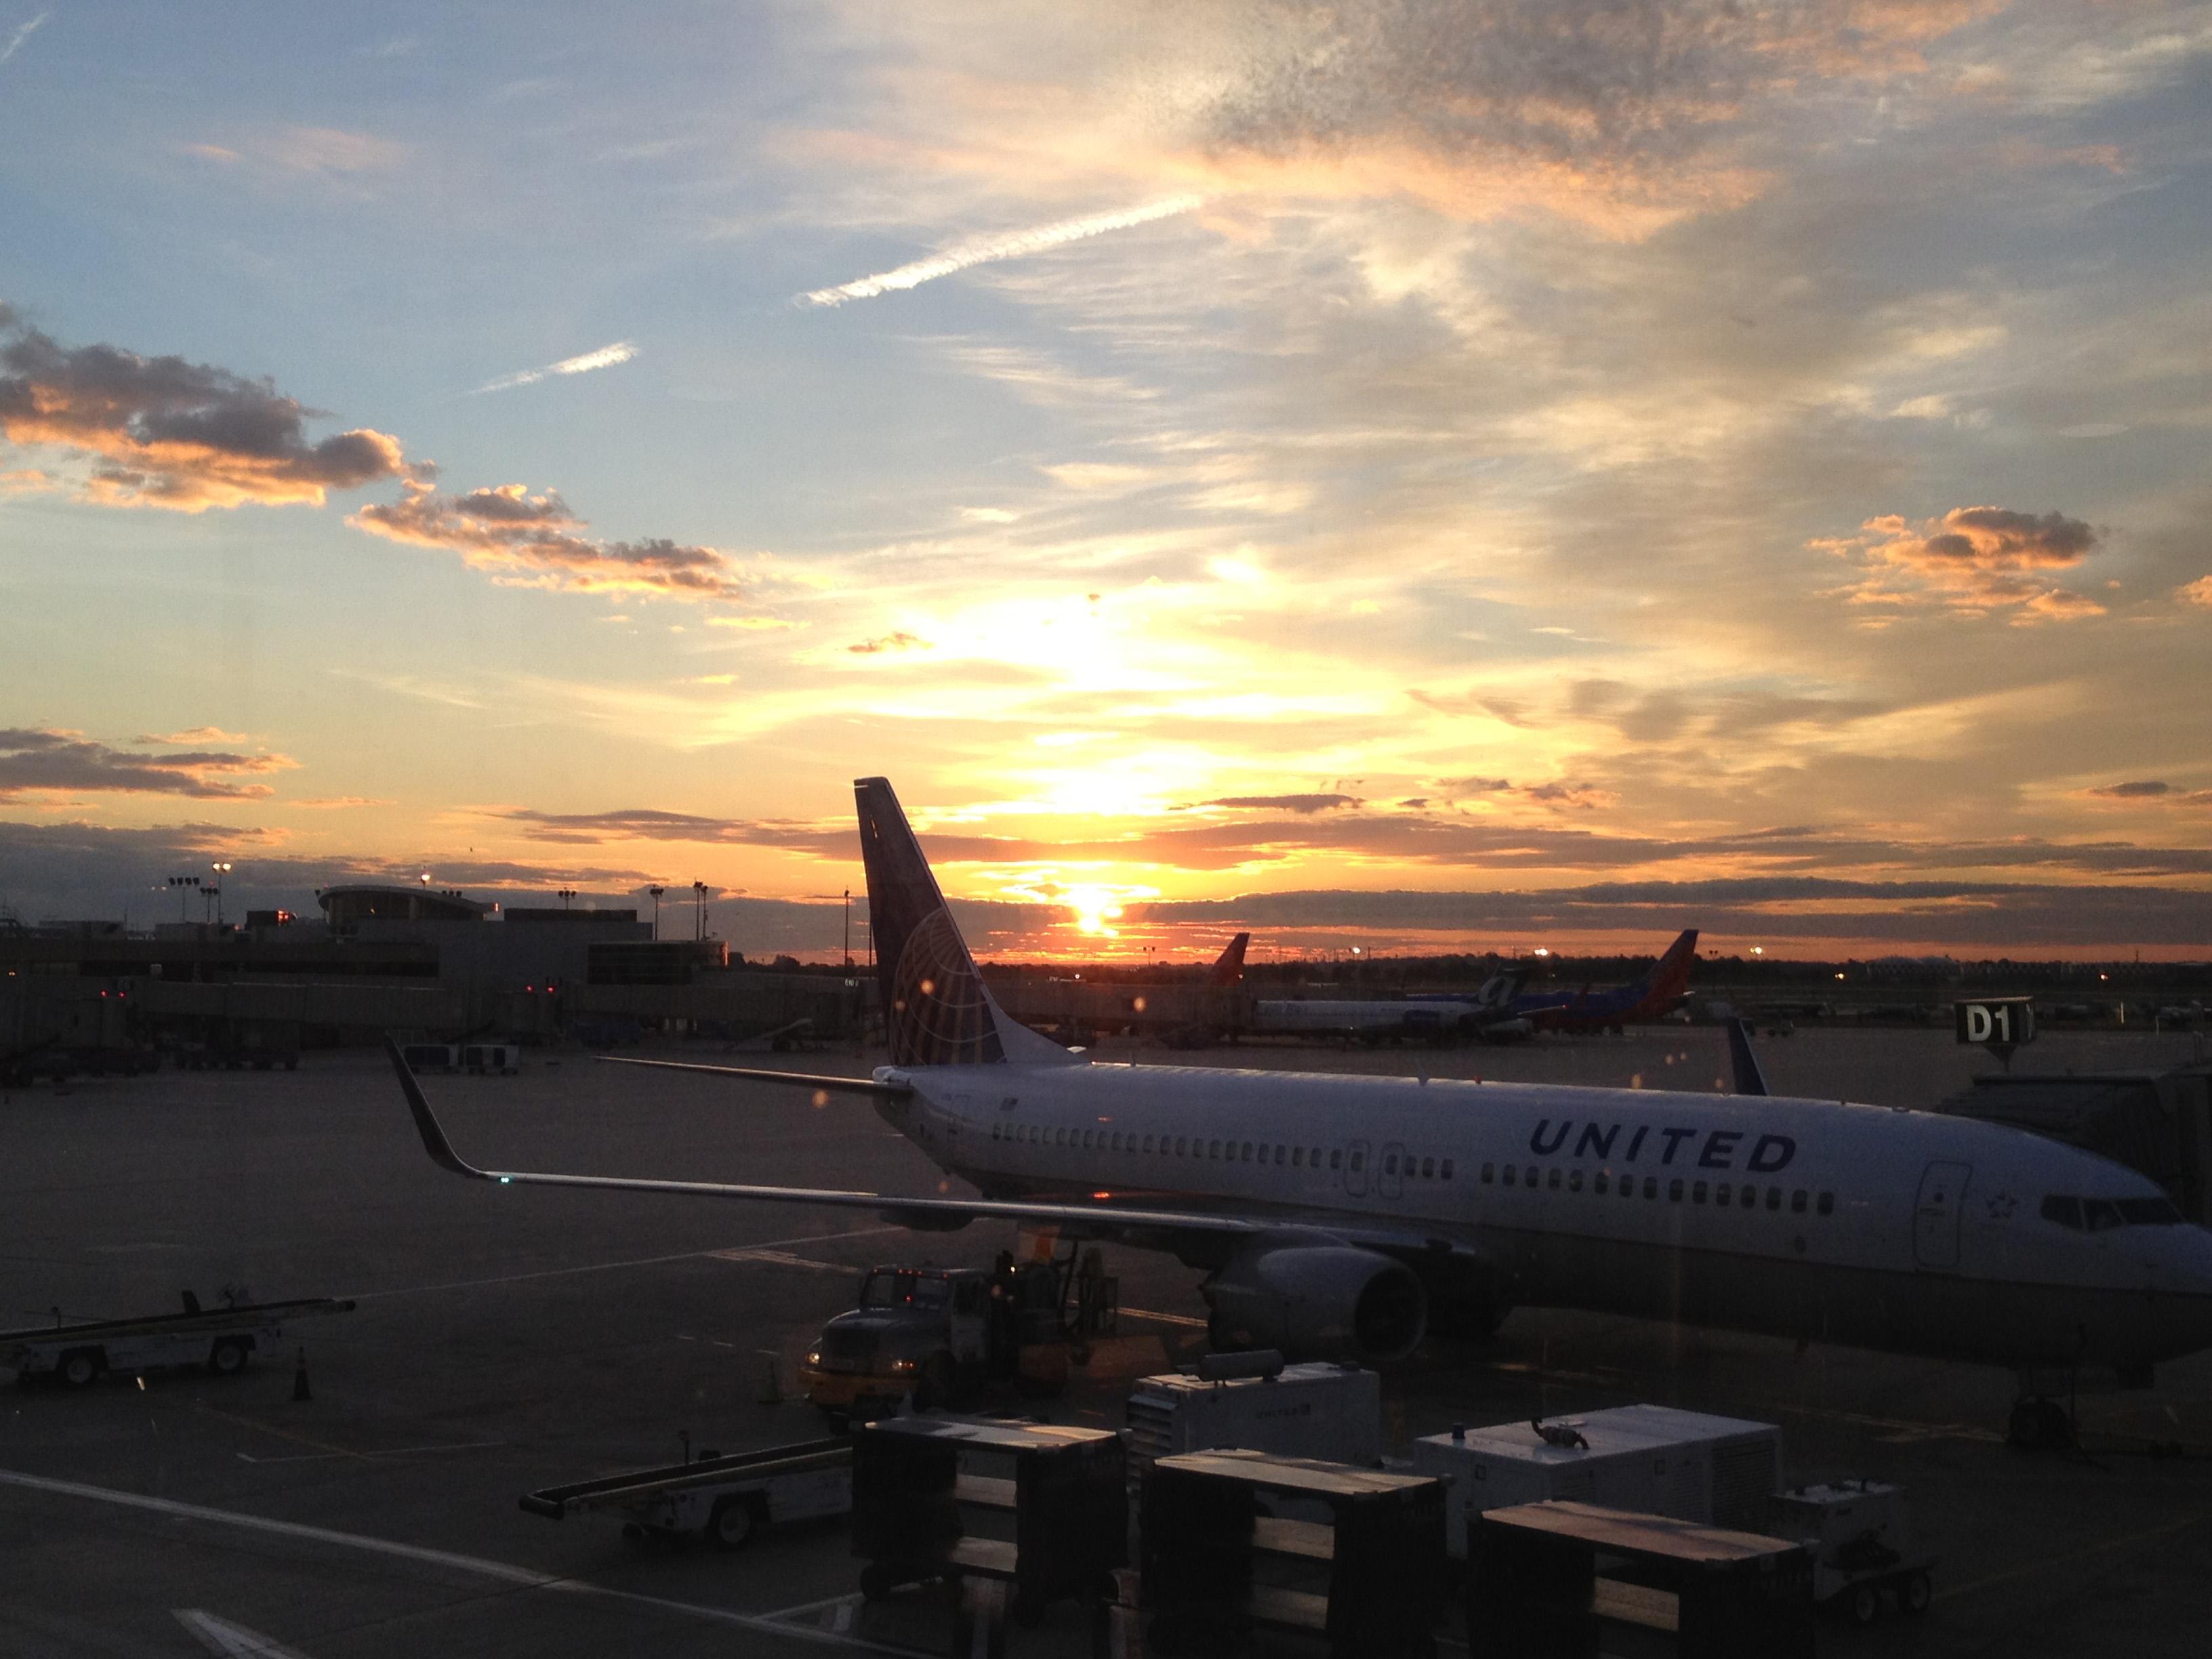 sunrise at philadelphia